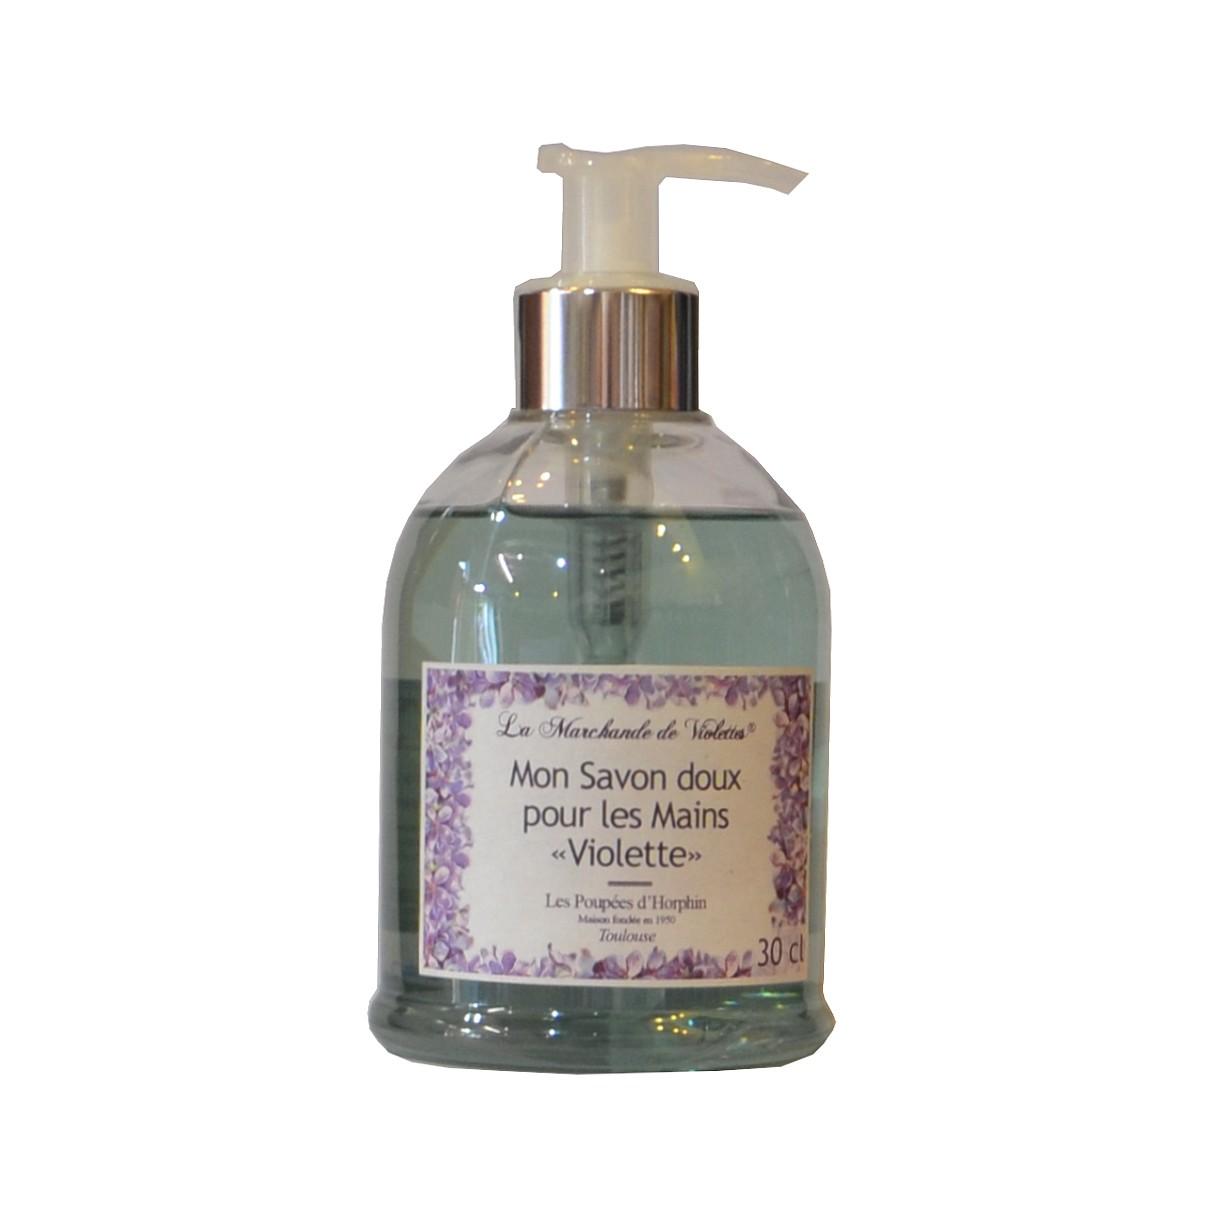 Mon savon doux pour les mains Violette